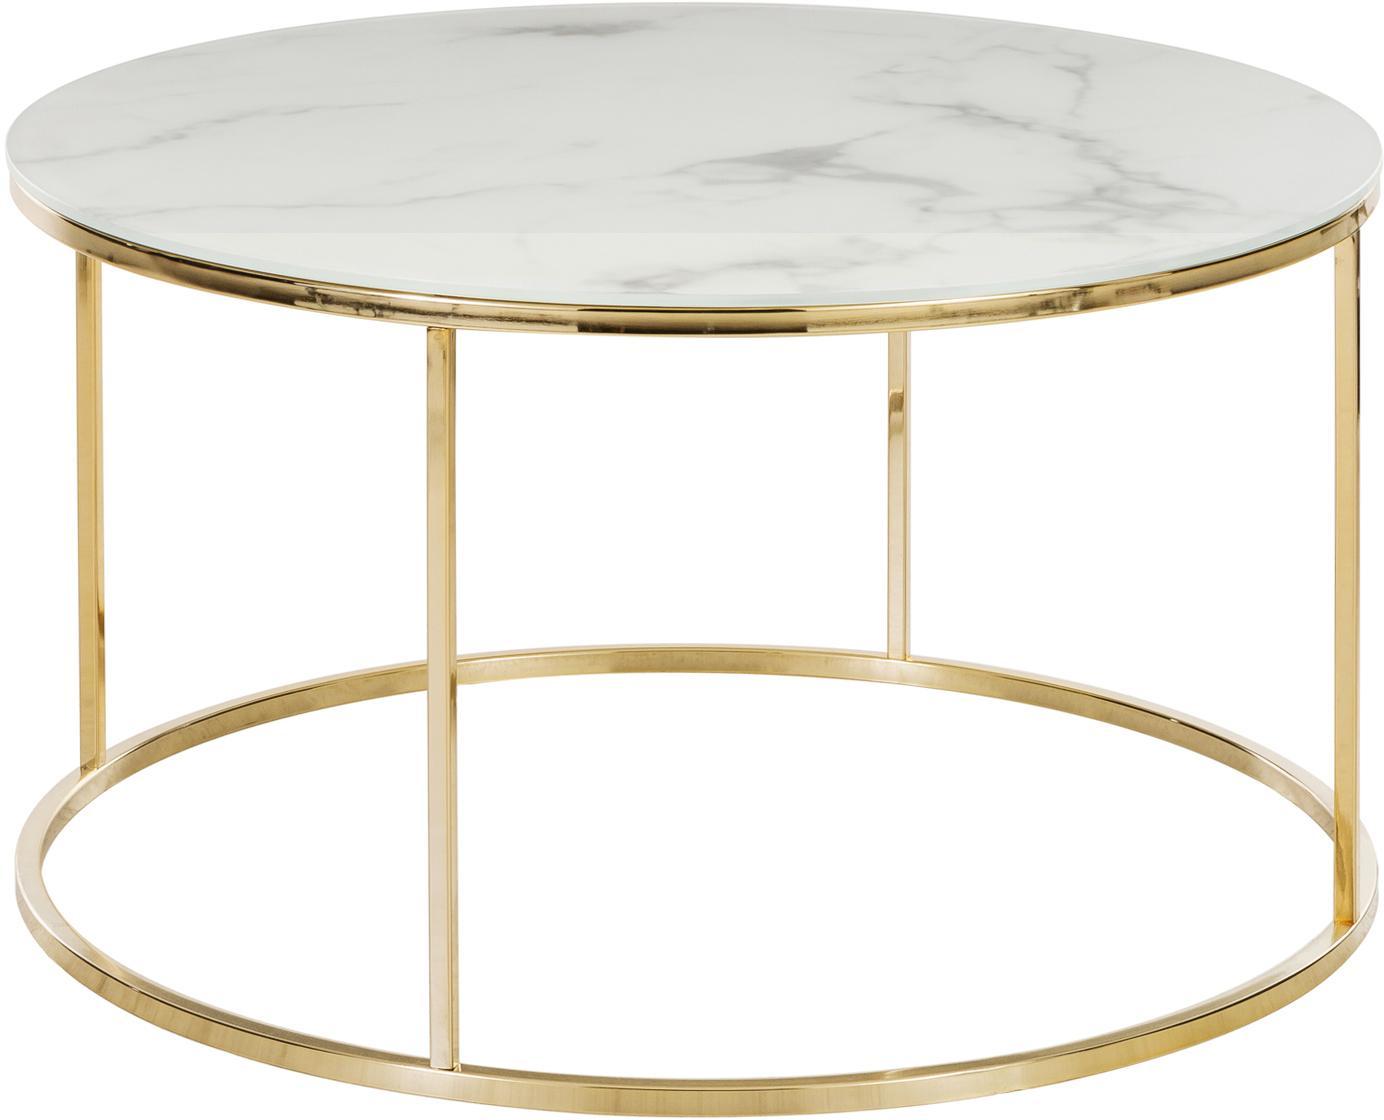 Tavolino da salotto con piano in vetro Antigua, Piano d'appoggio: vetro opaco stampato, Struttura: acciaio, ottonato, Bianco-grigio marmorizzato, dorato, Ø 80 x Alt. 45 cm